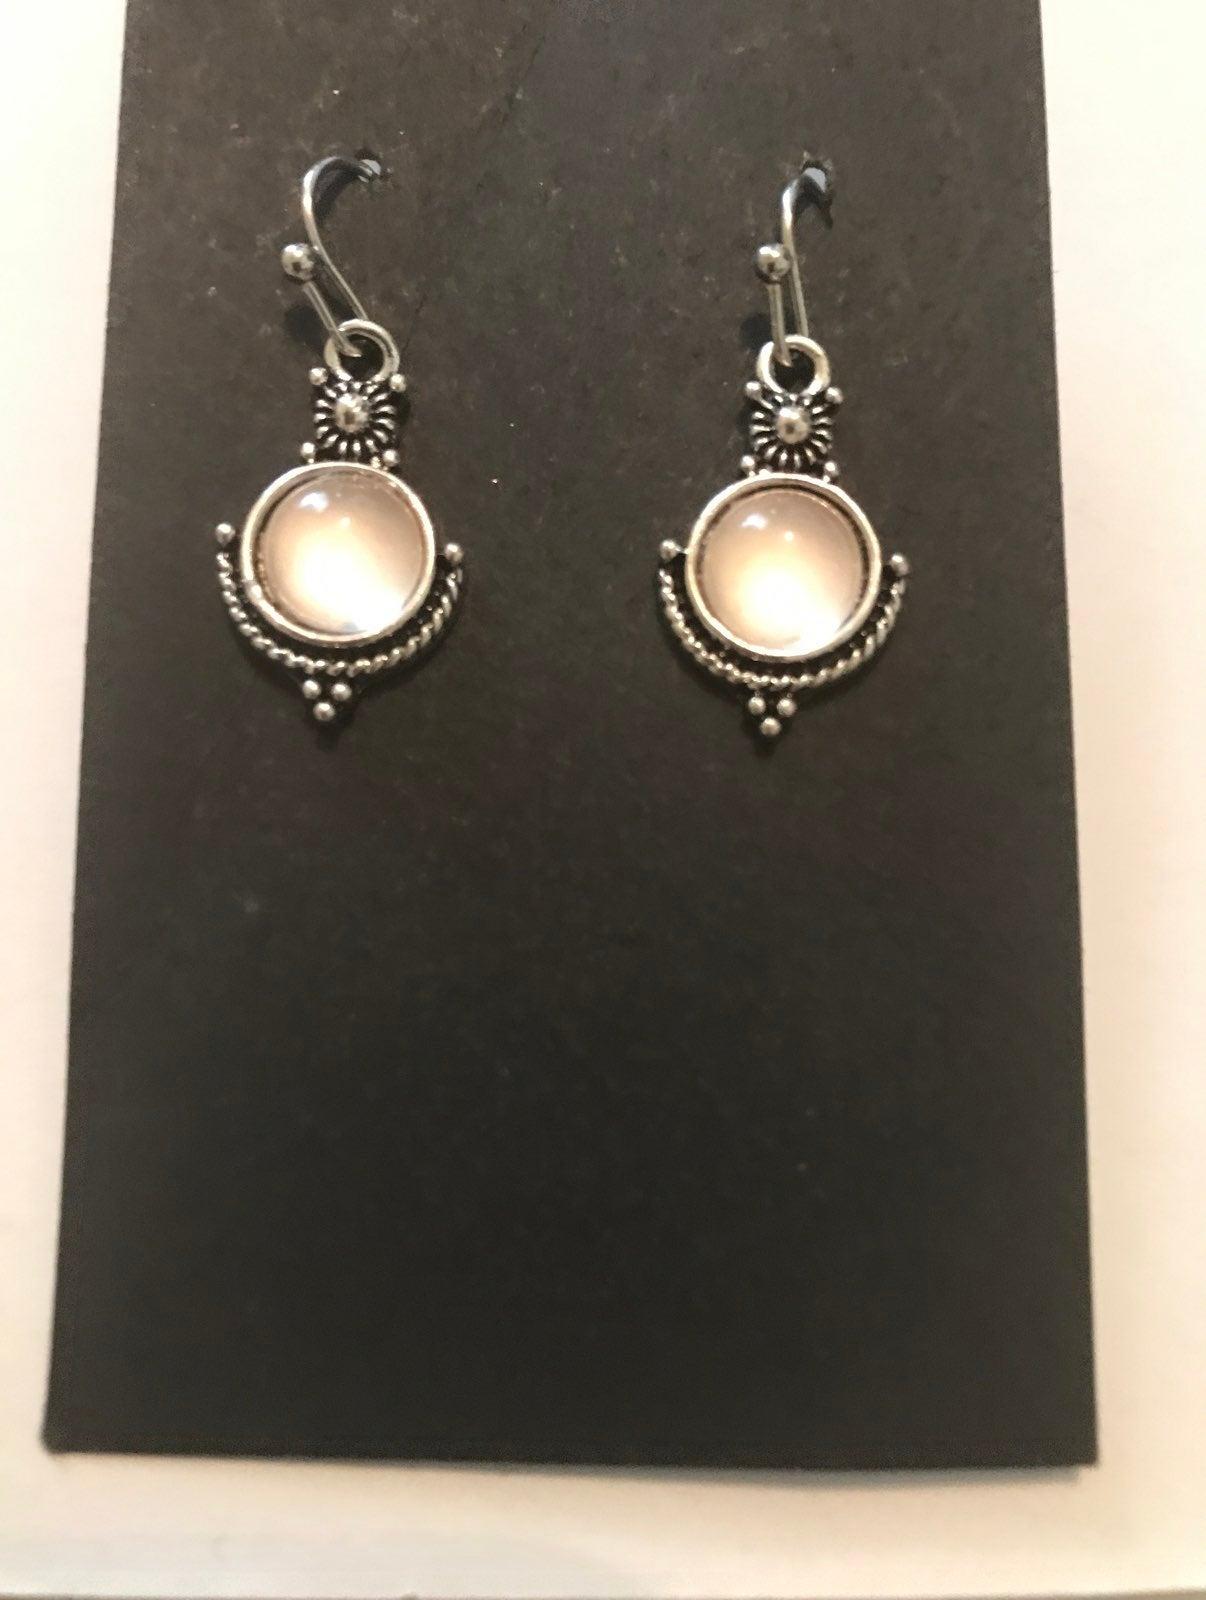 Moonstone pierced earrings